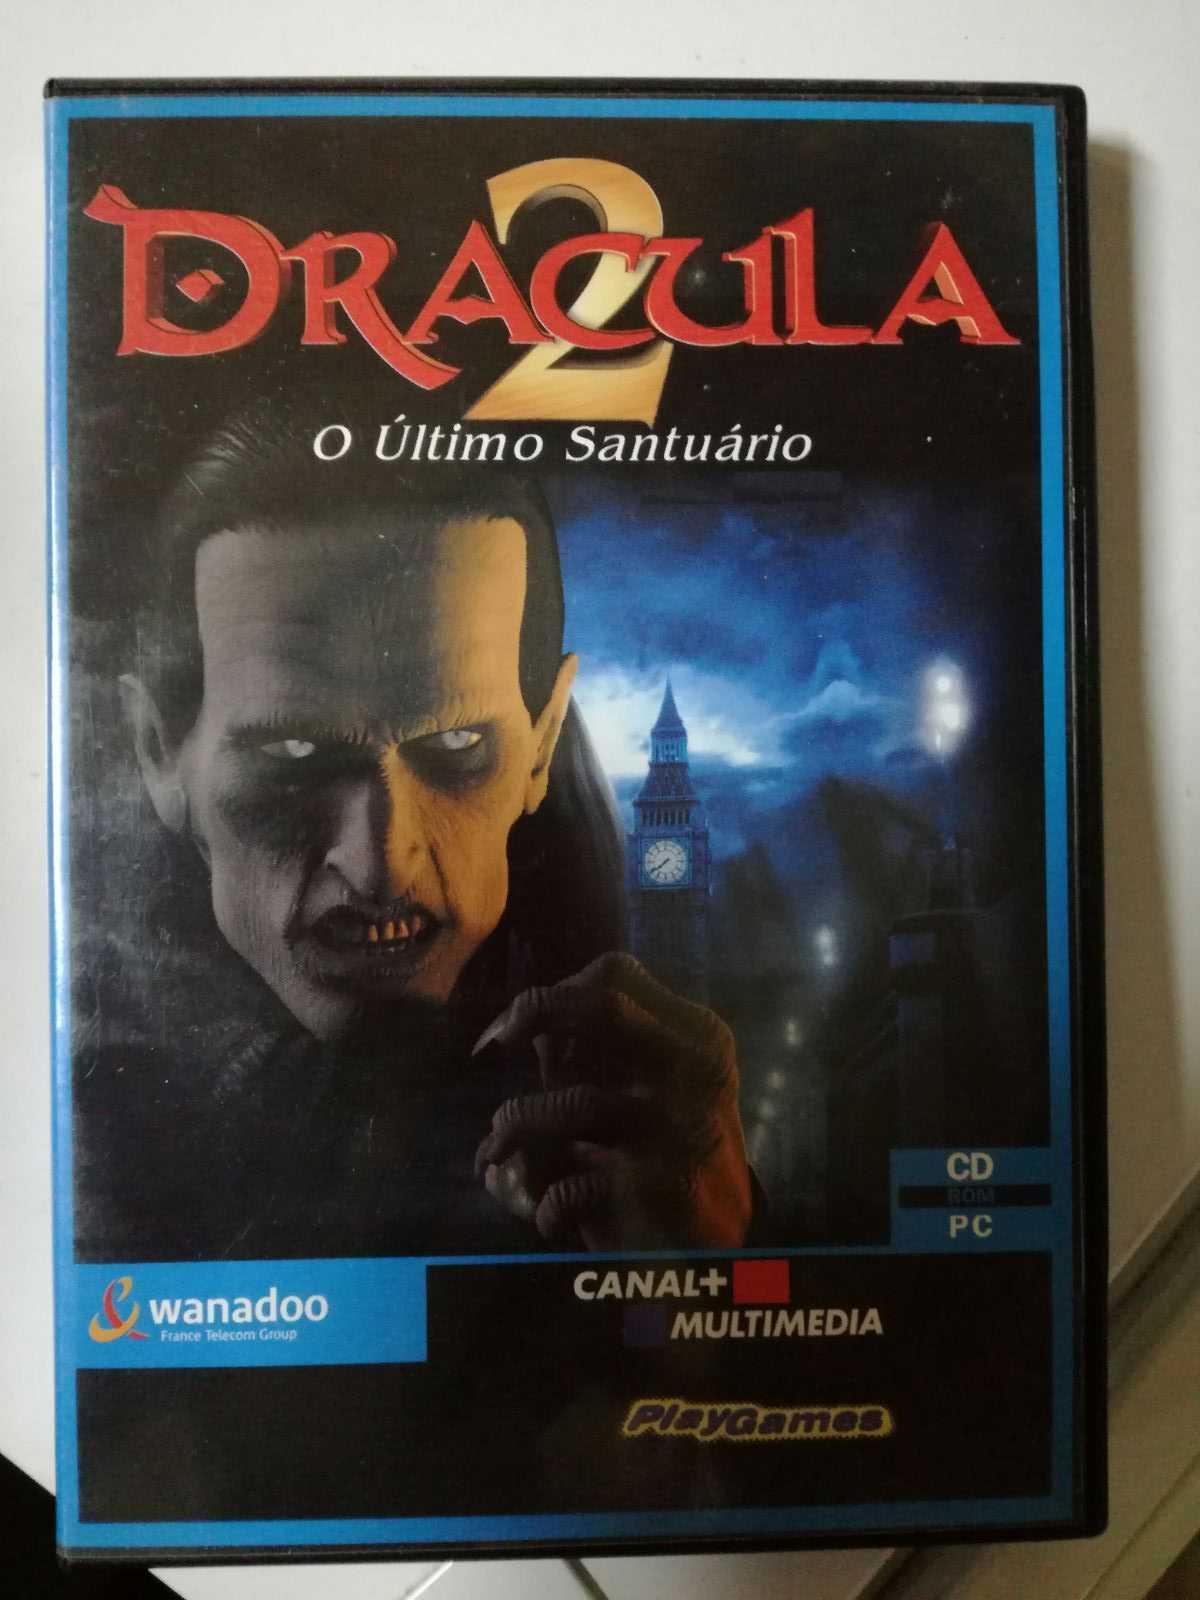 Jogo de PC - Drácula 2 - O último santuário